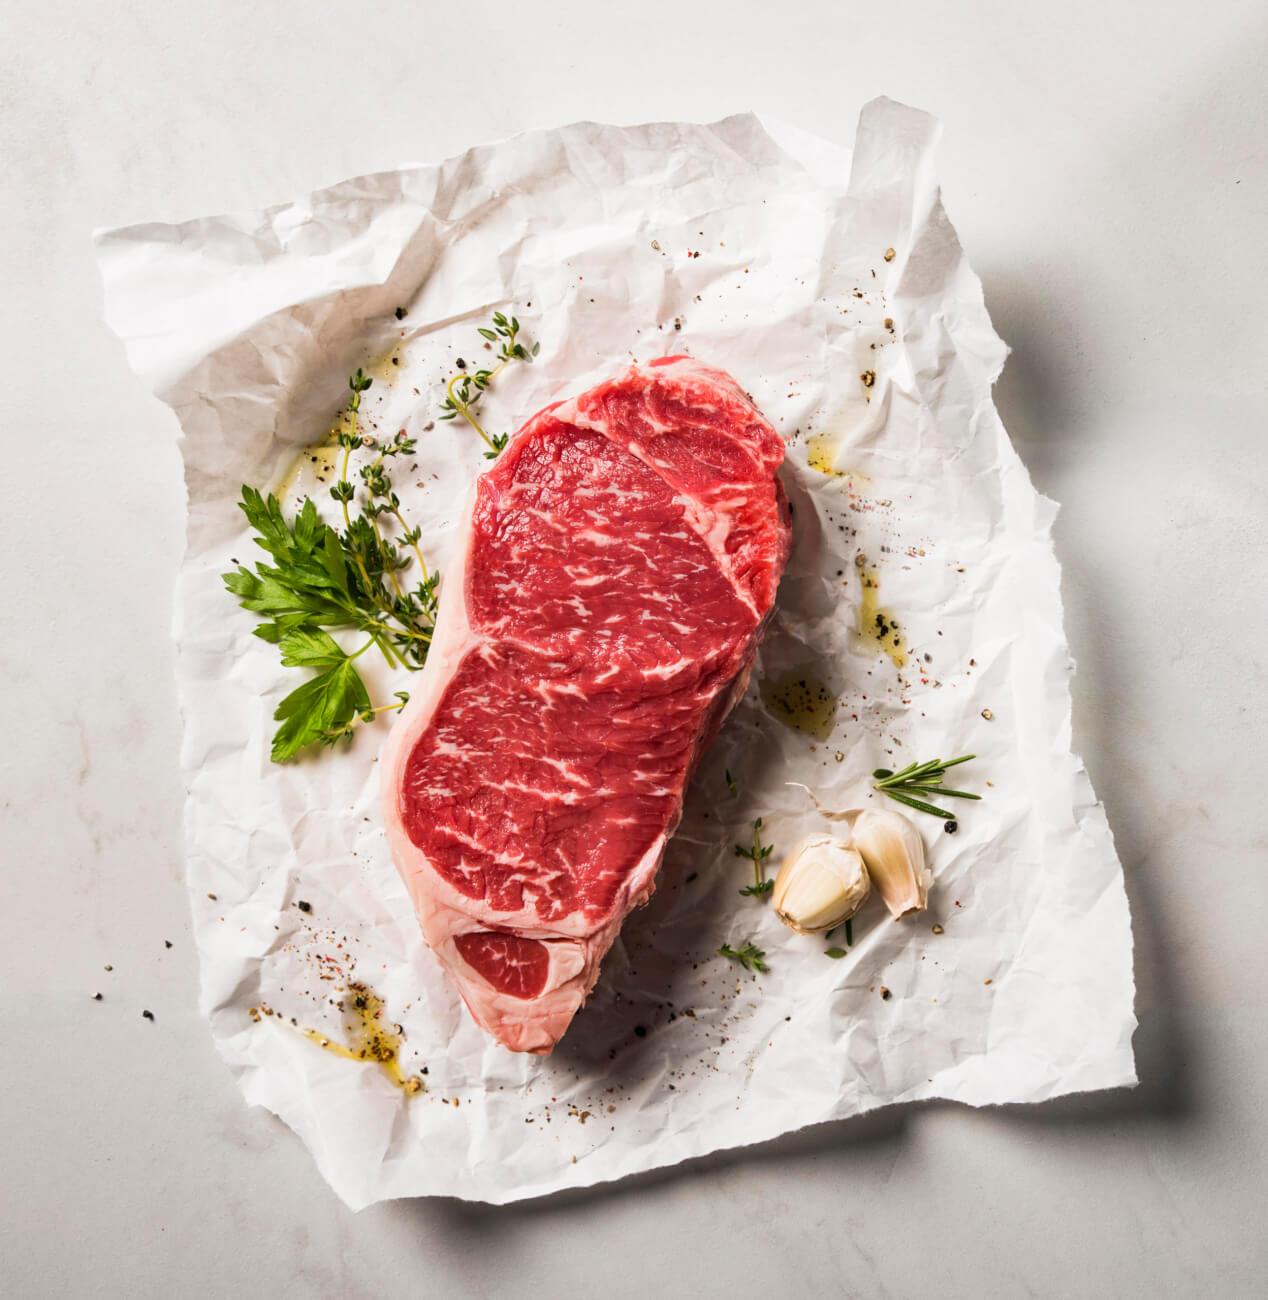 Seasoned Kansas City Strip Steak